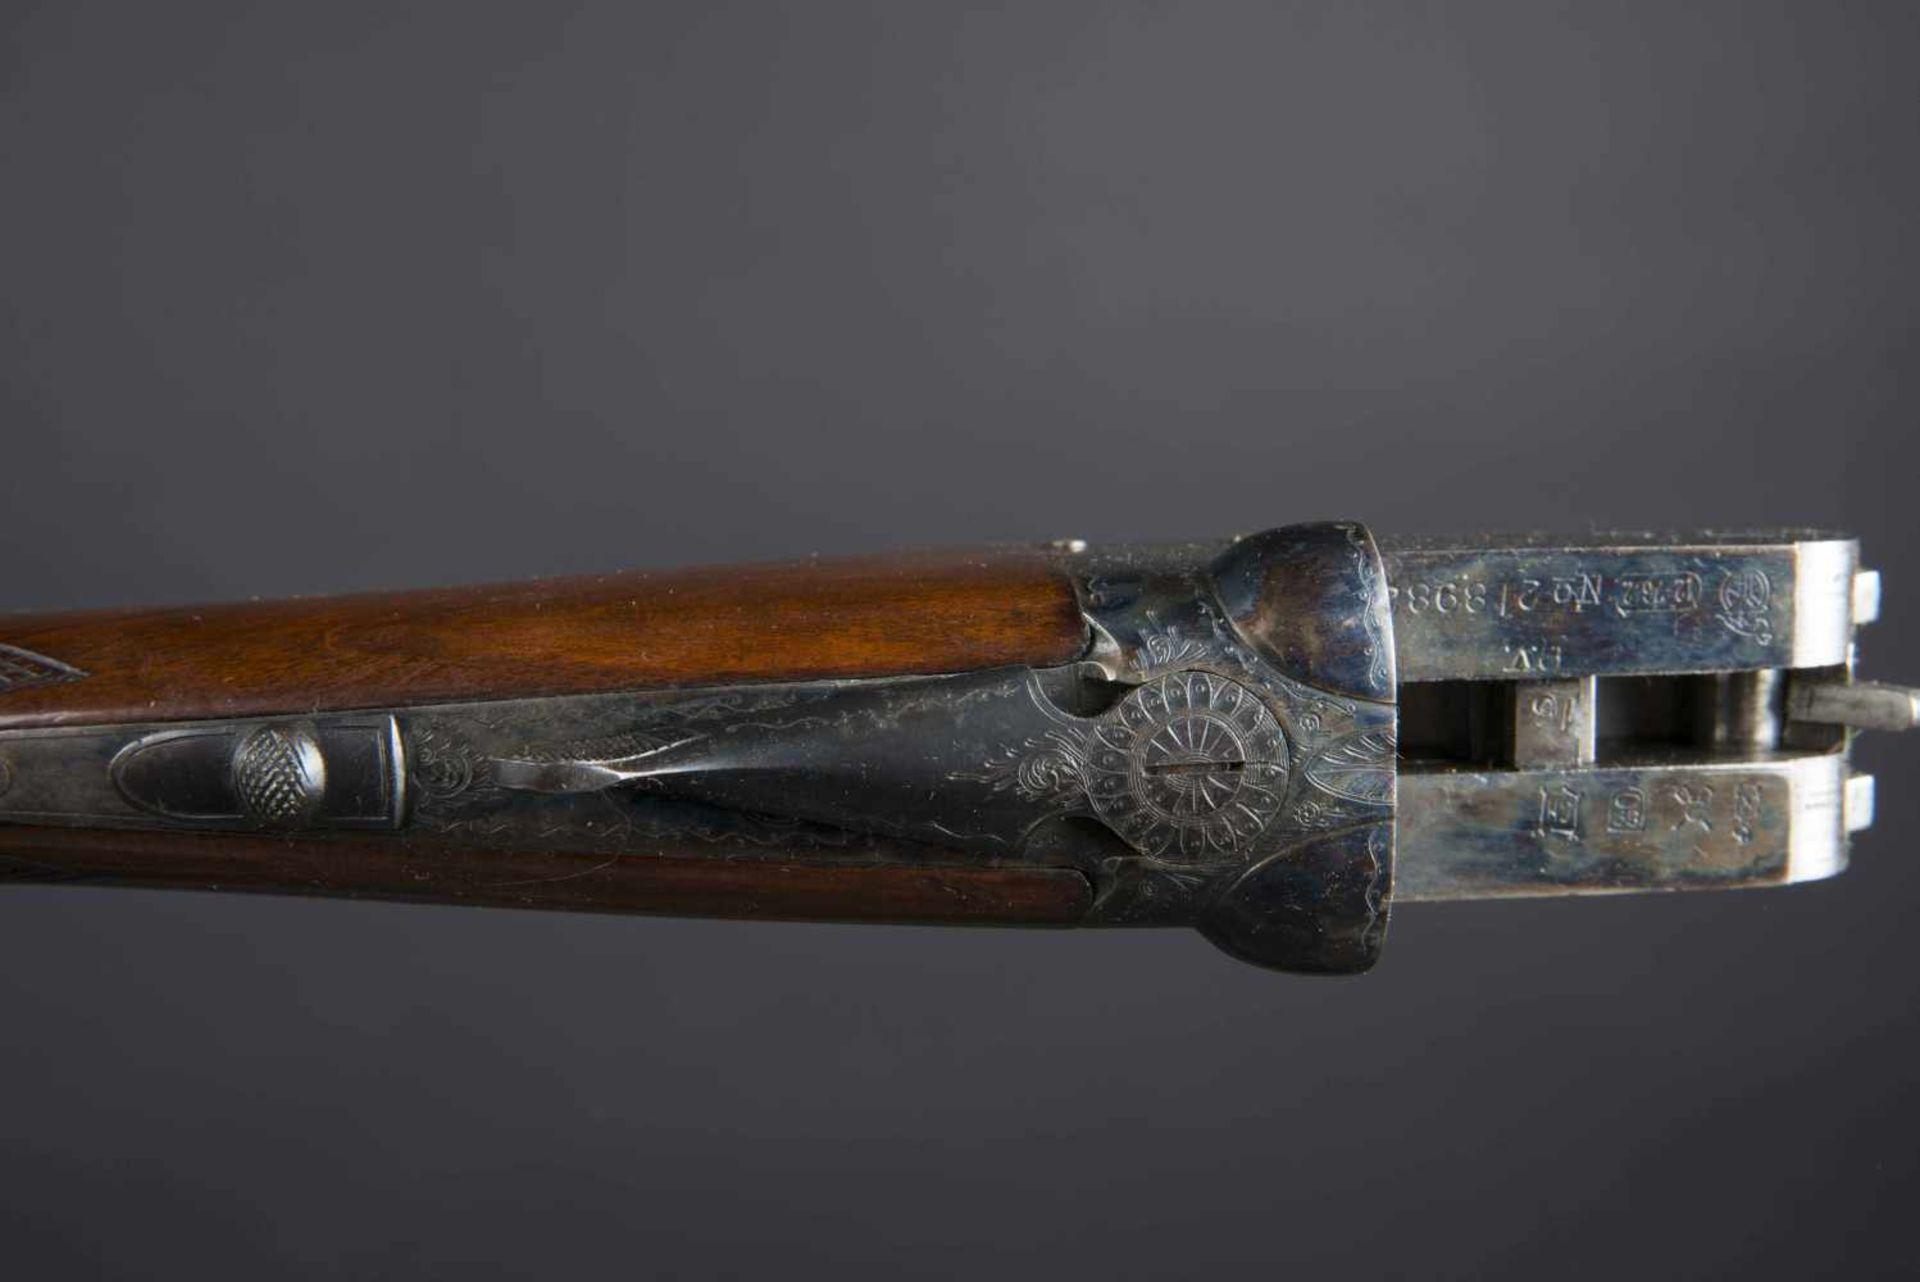 Fusil Aya Aguirre & Aranzabel Catégorie C Crosse vernie, nombreux poinçons, calibre 12/76, numéro - Bild 3 aus 3